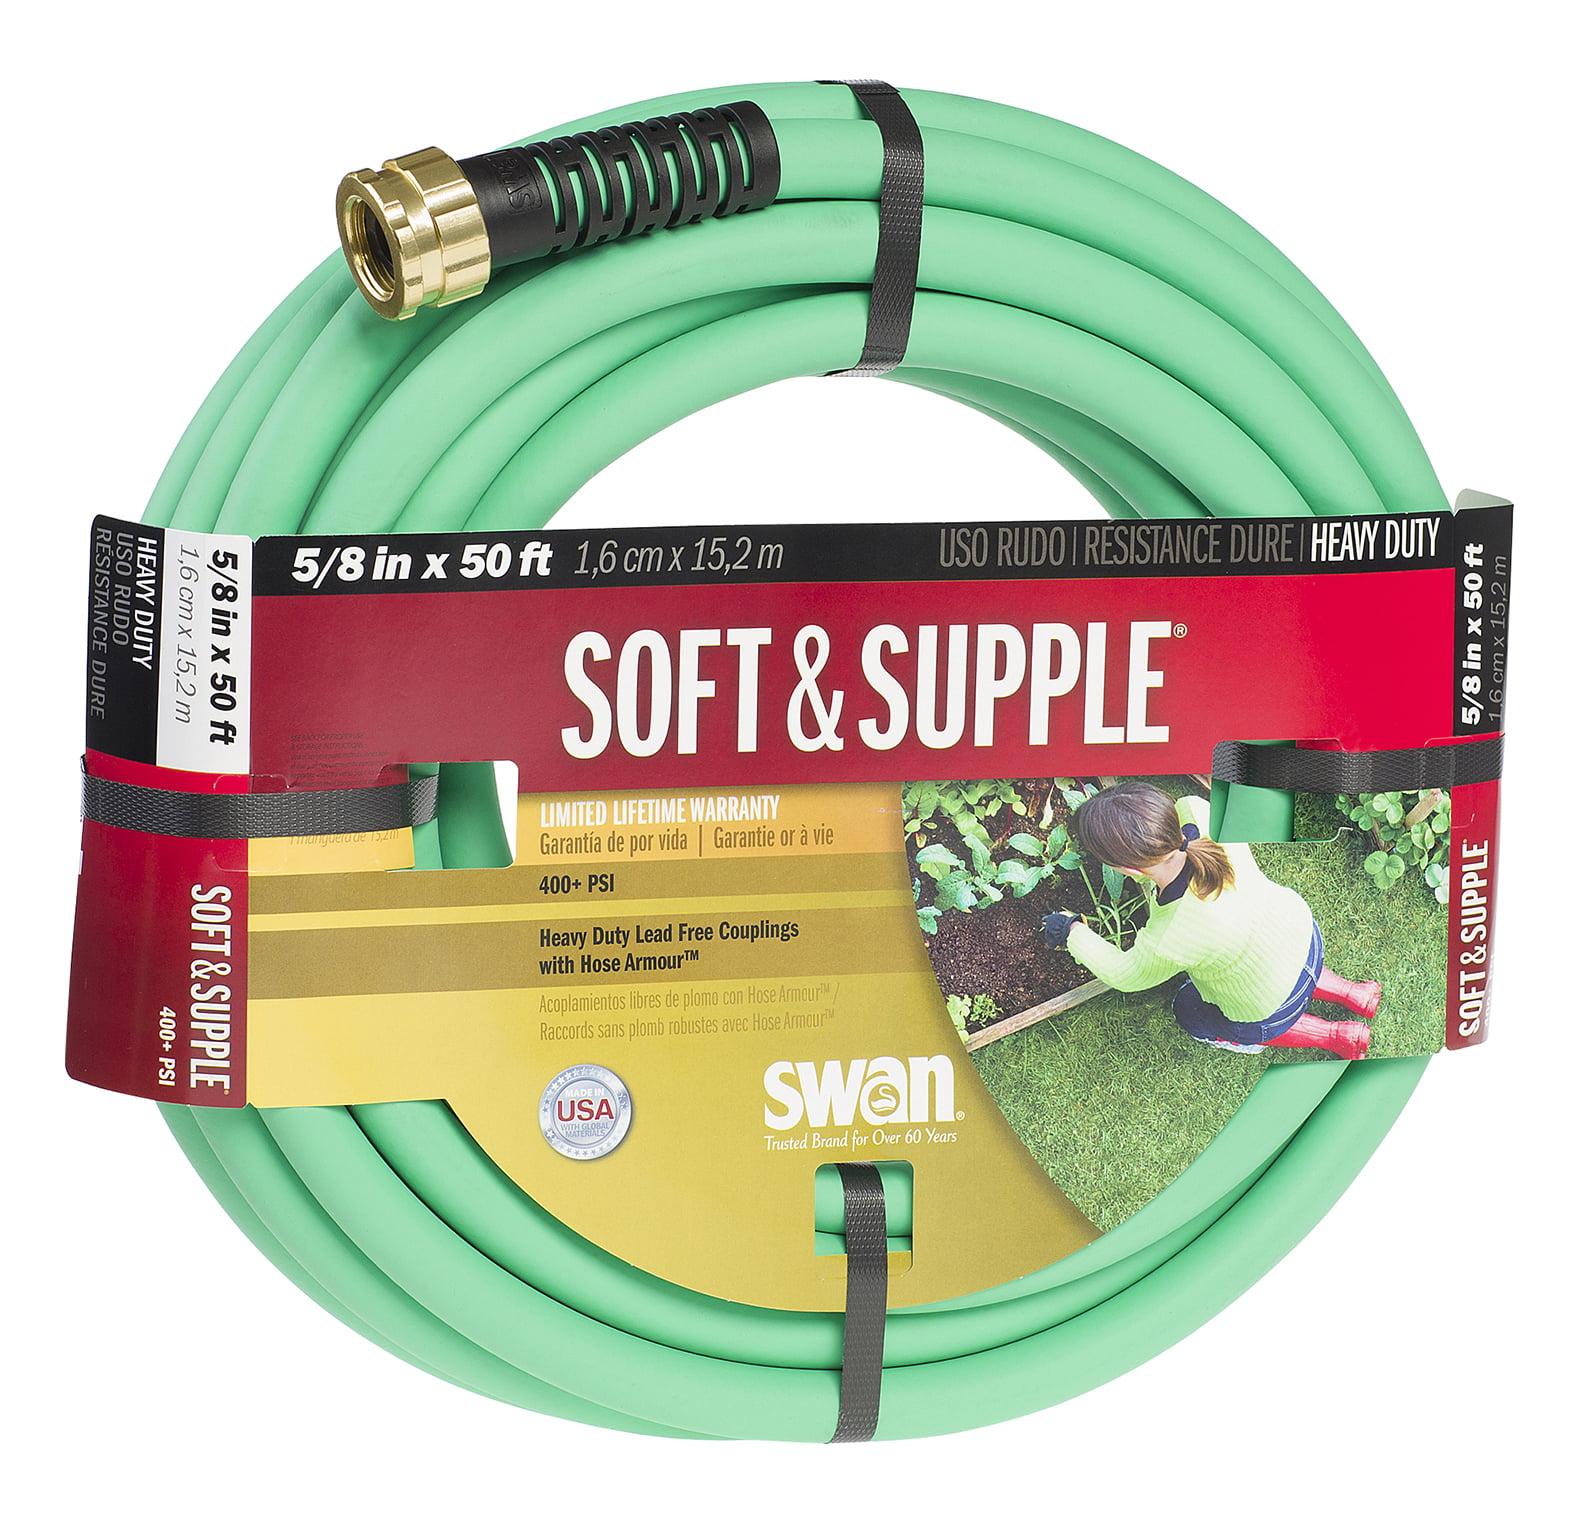 Swan Soft & Supple Garden Water Hose